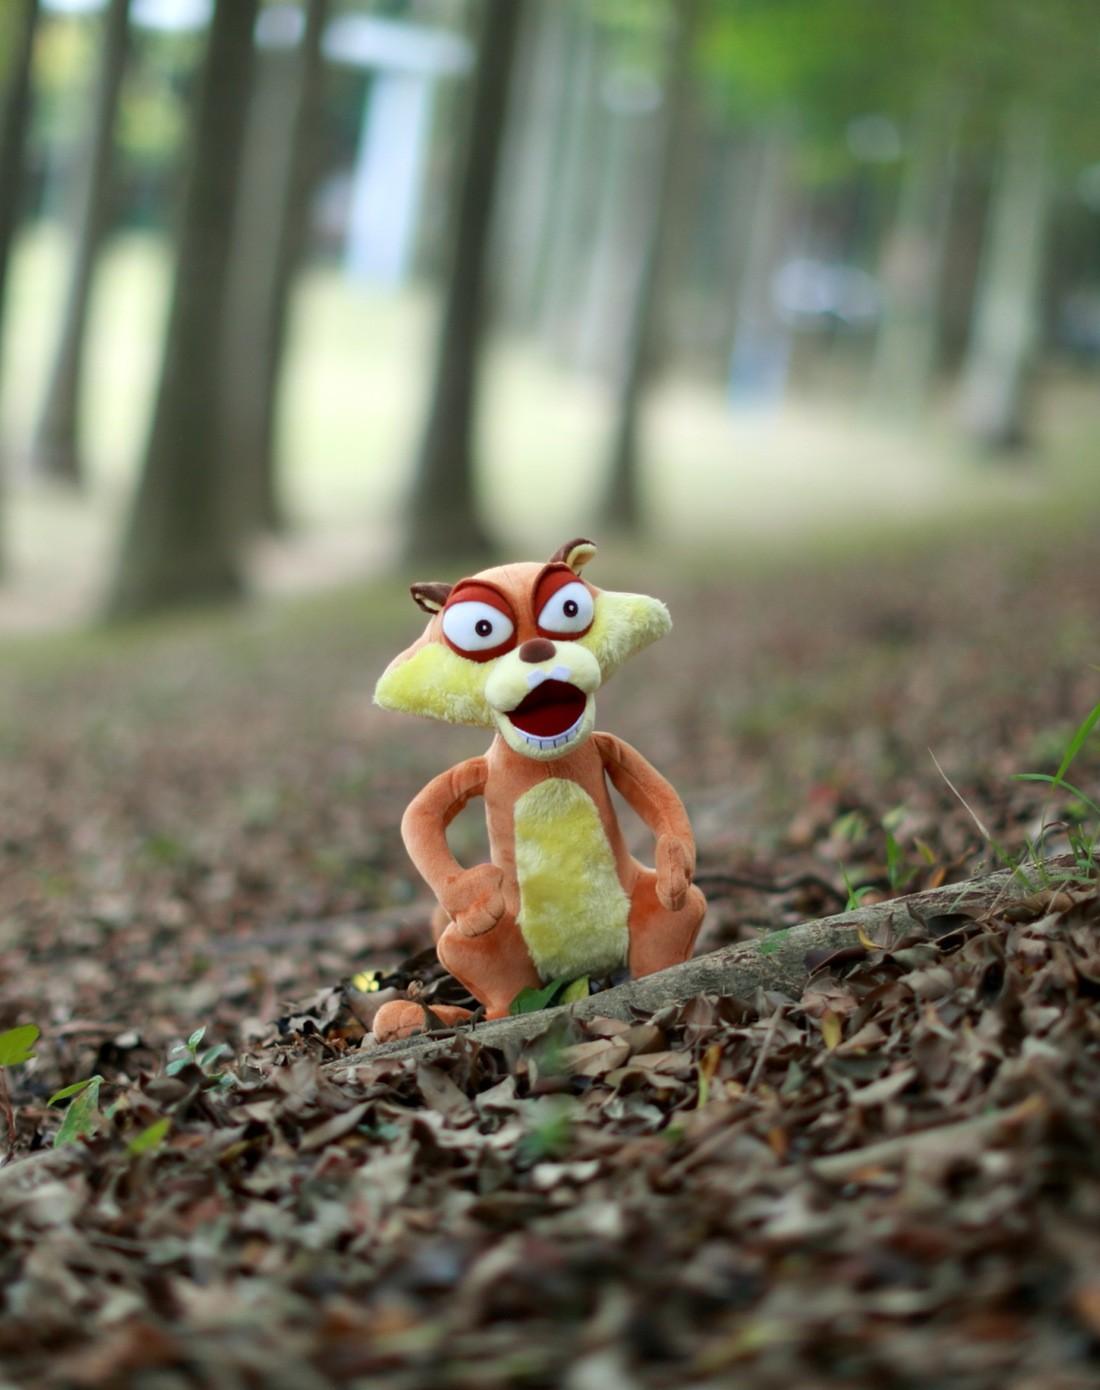 熊出没小松鼠蹦蹦公仔30cm